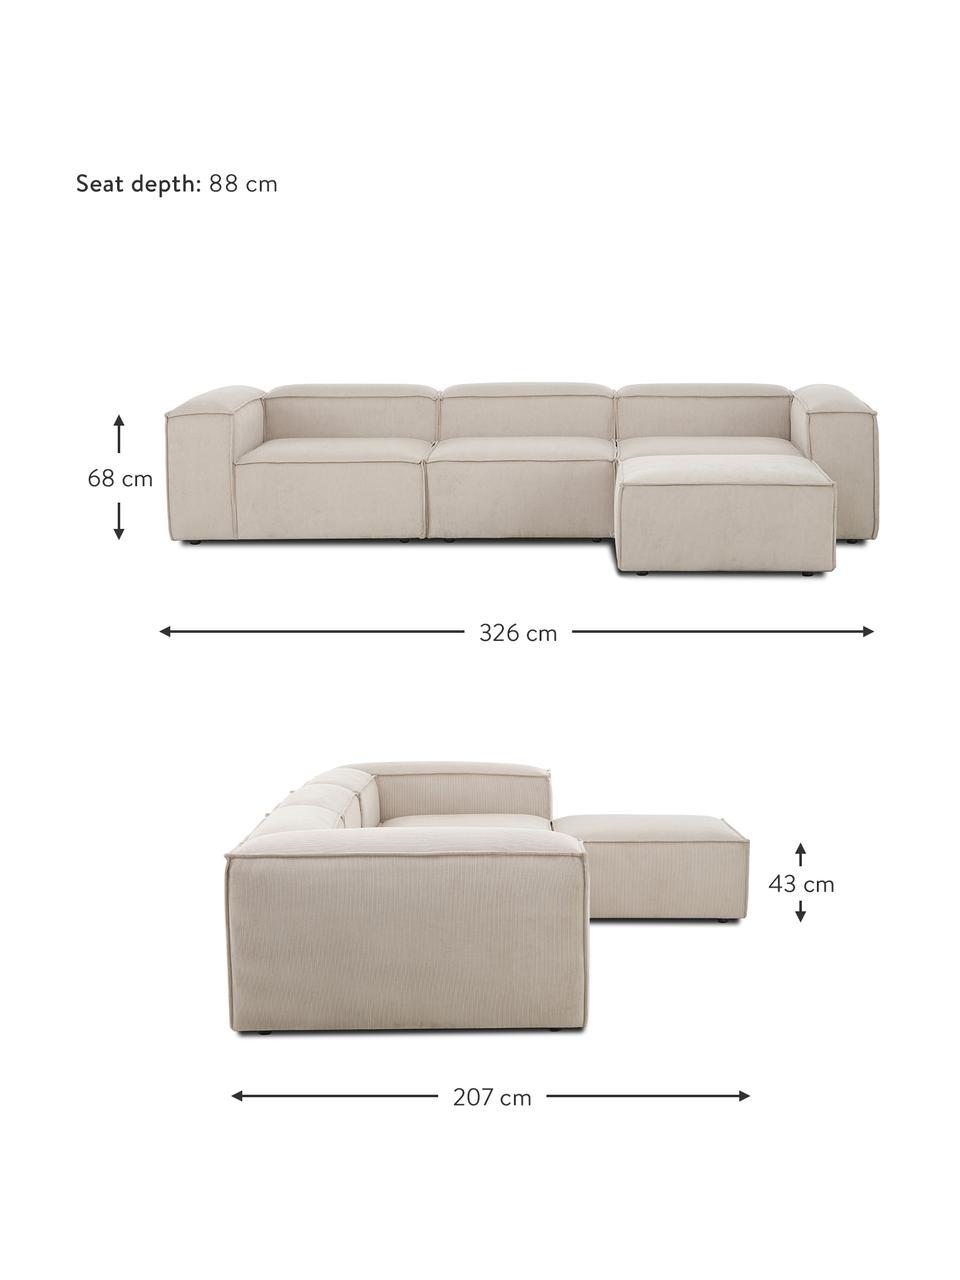 Modulares Sofa Lennon (4-Sitzer) mit Hocker in Beige aus Cord, Bezug: Cord (92% Polyester, 8% P, Gestell: Massives Kiefernholz, Spe, Füße: Kunststoff Die Füße befin, Cord Beige, B 327 x T 207 cm